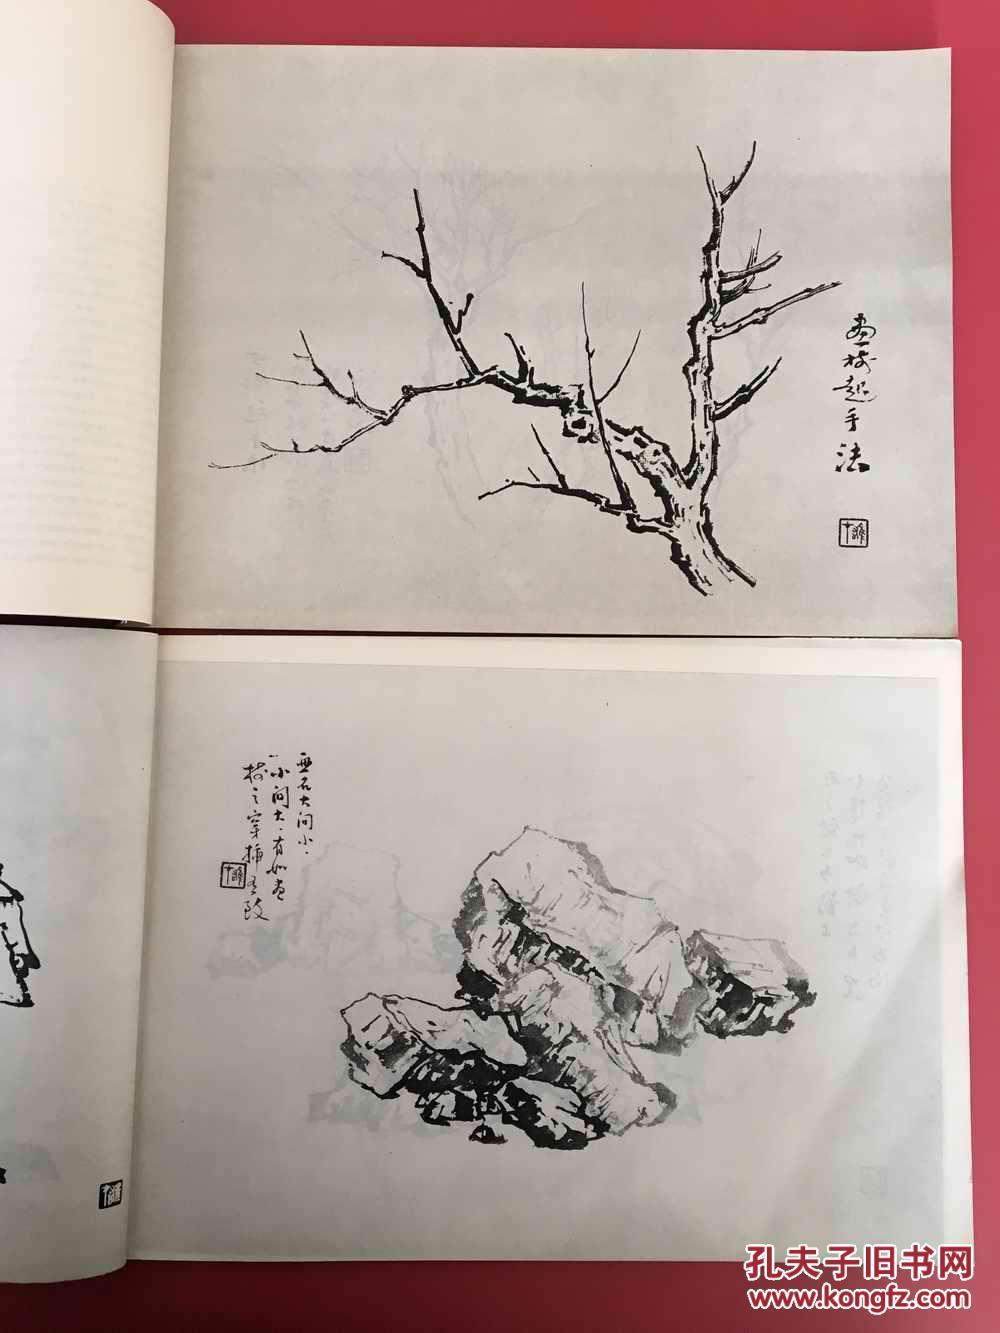 黎雄才山水画谱中篇山石图片